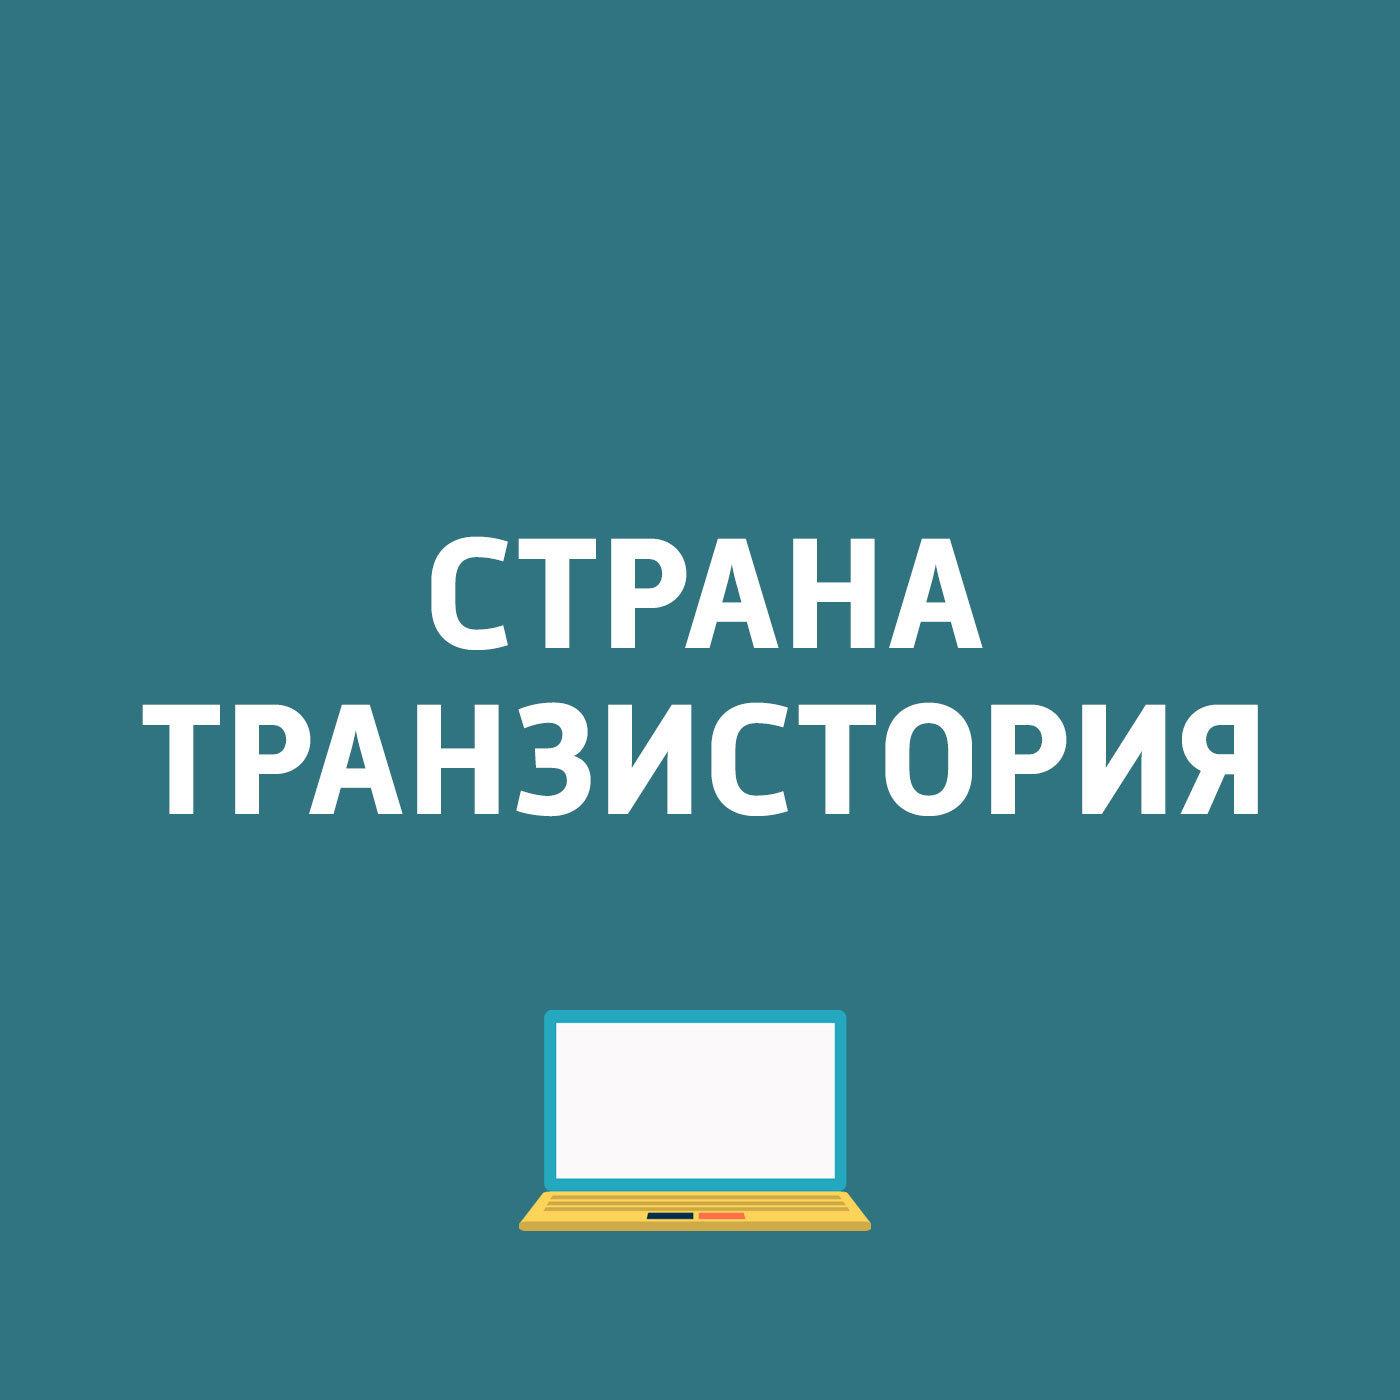 Картаев Павел В России могут быть созданы кибердружины